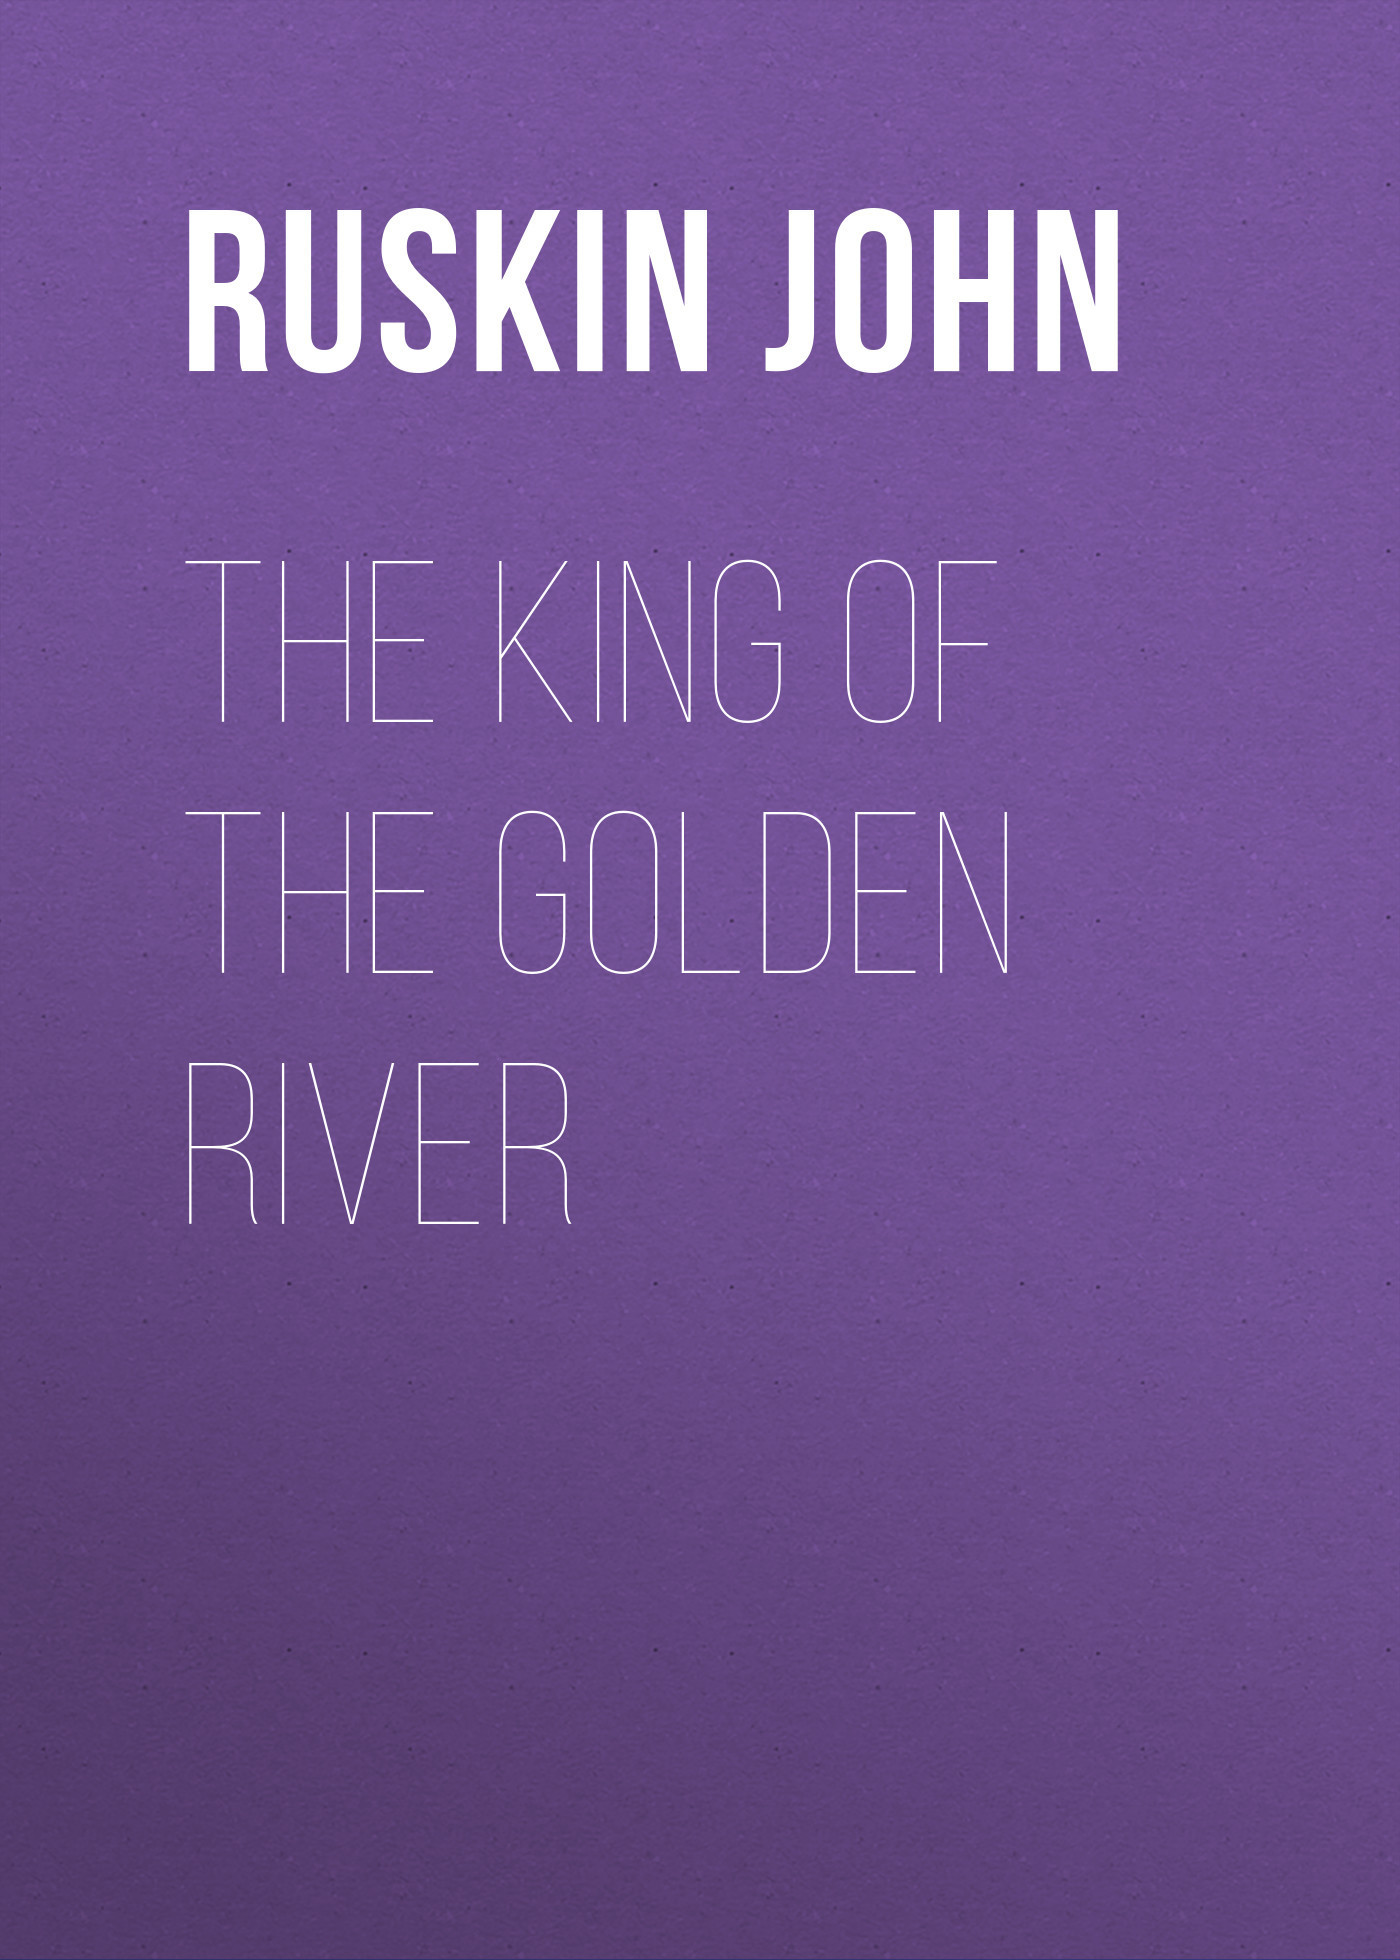 Ruskin John The King of the Golden River